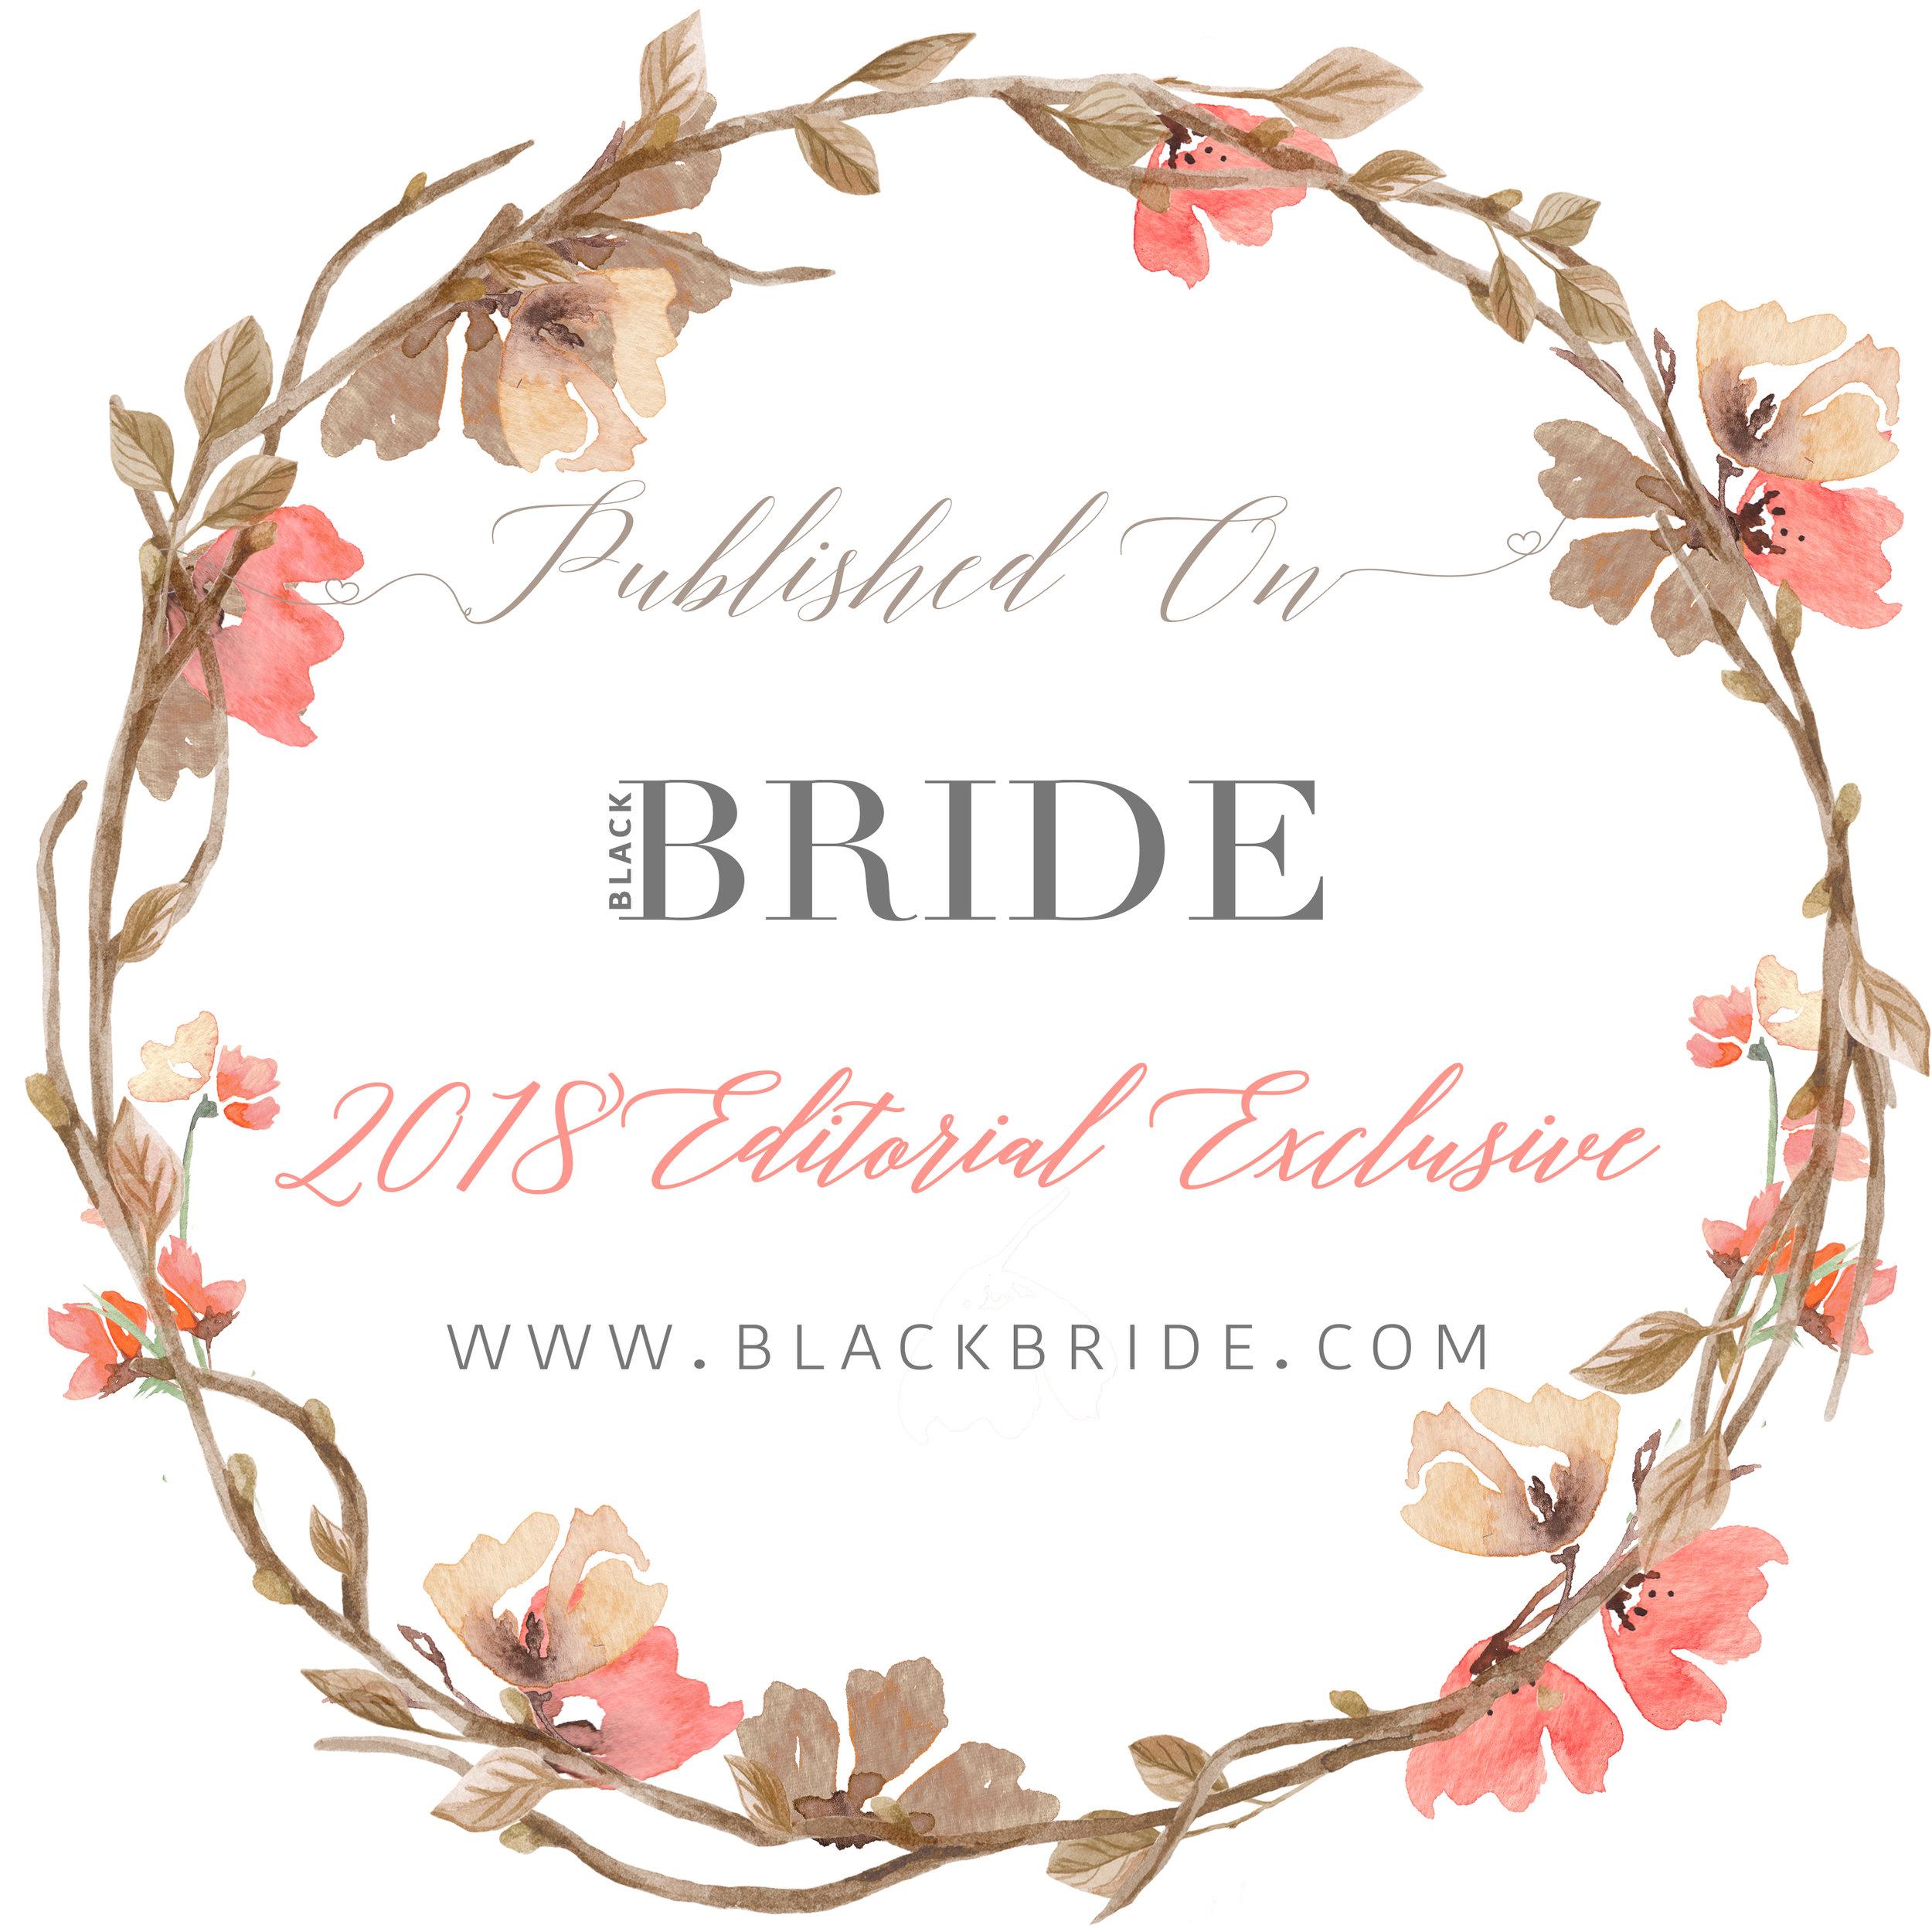 black bride badge Editorial Exclusive2 copy.jpg